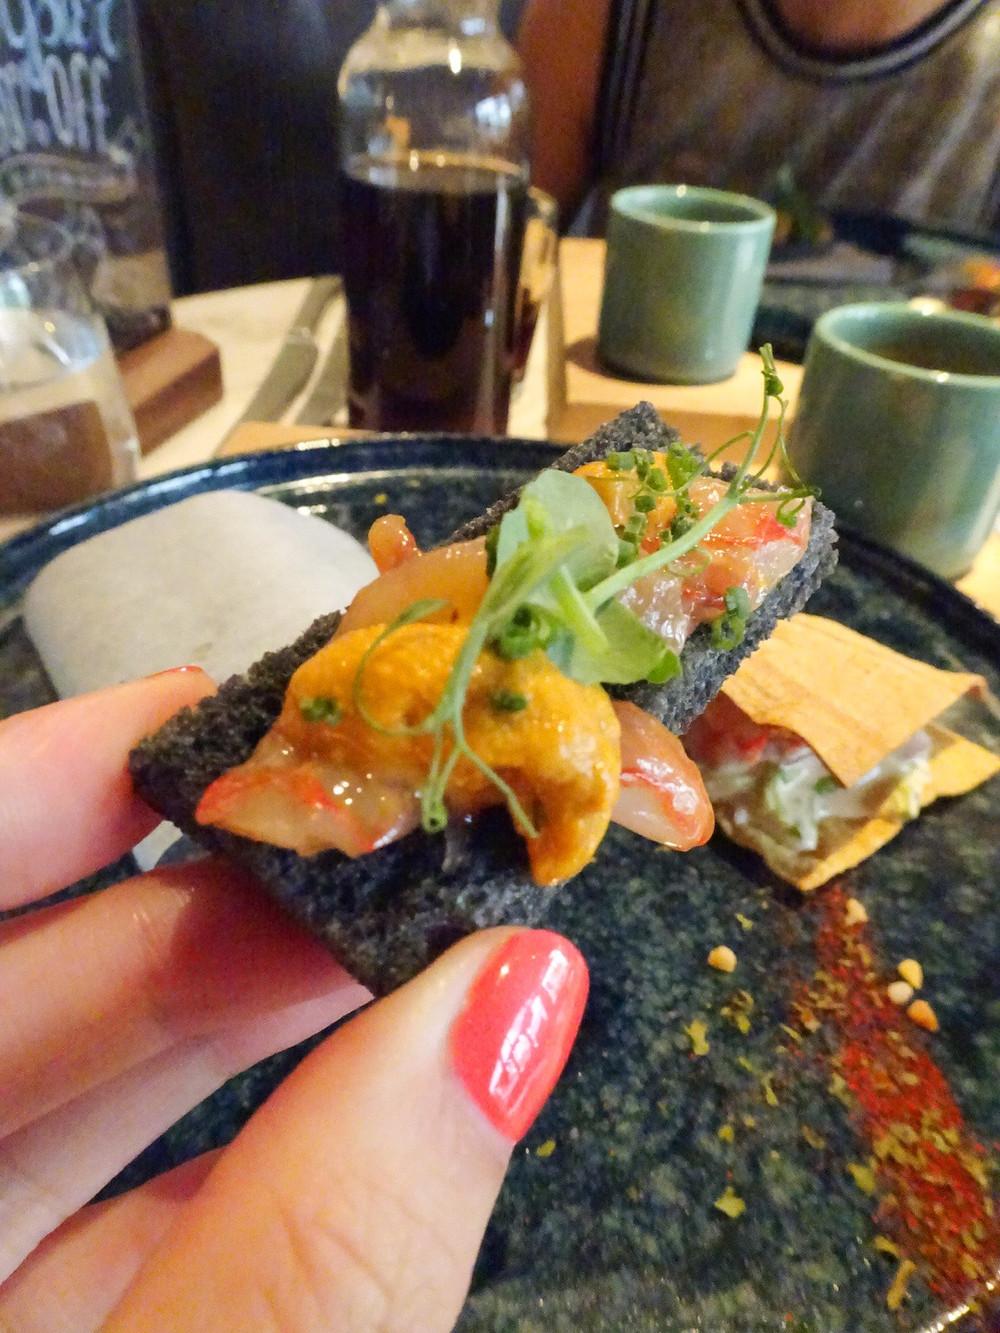 Food at Cafe Albergue 1601 in Hong Kong